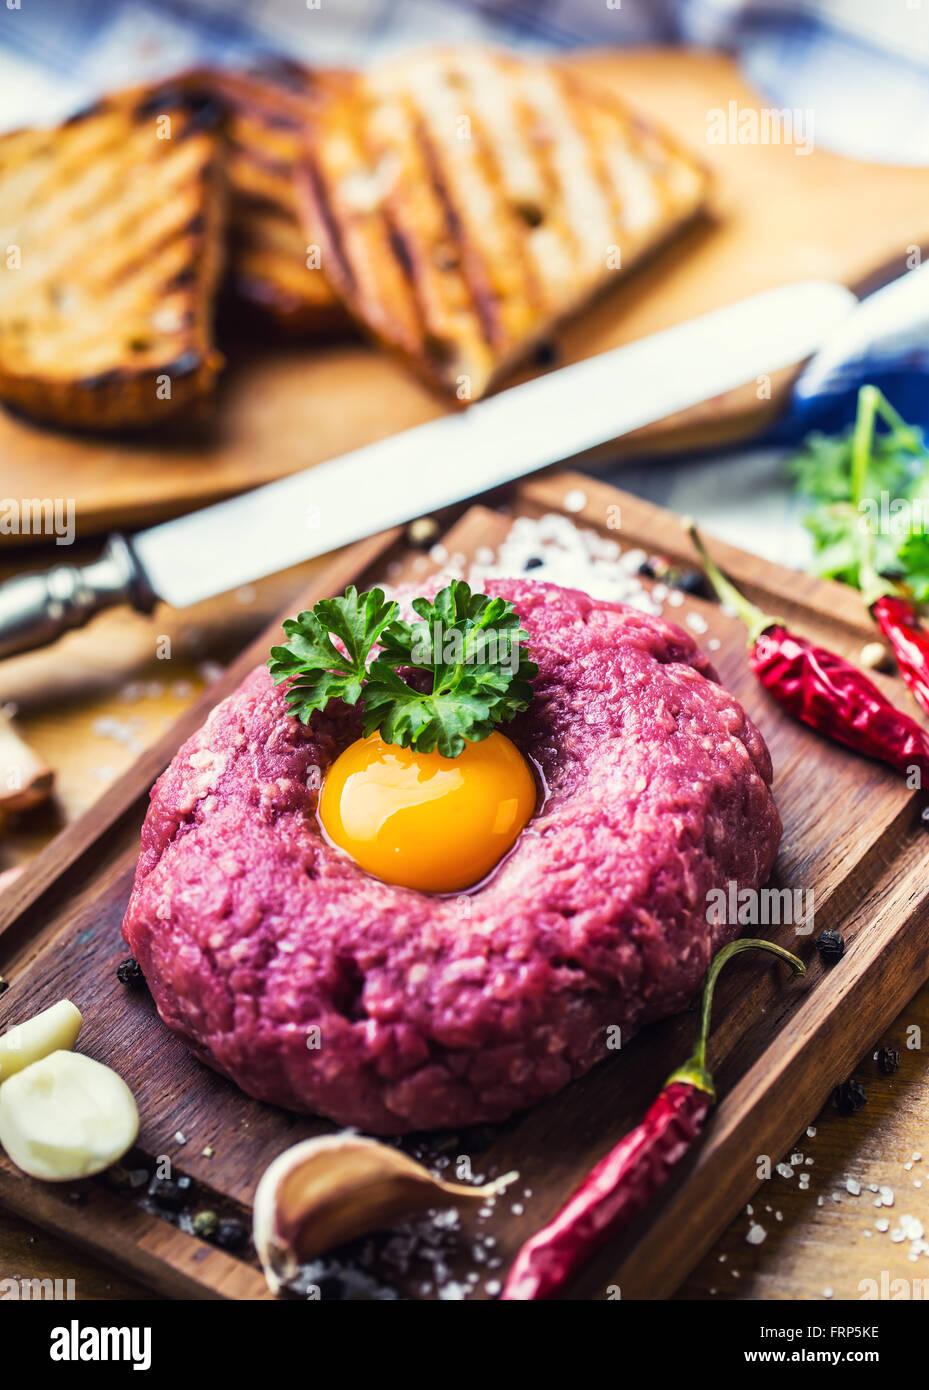 Le boeuf cru savoureux .Steak tartare. Steak tartare classique sur planche de bois. Ingrédients: viande Photo Stock